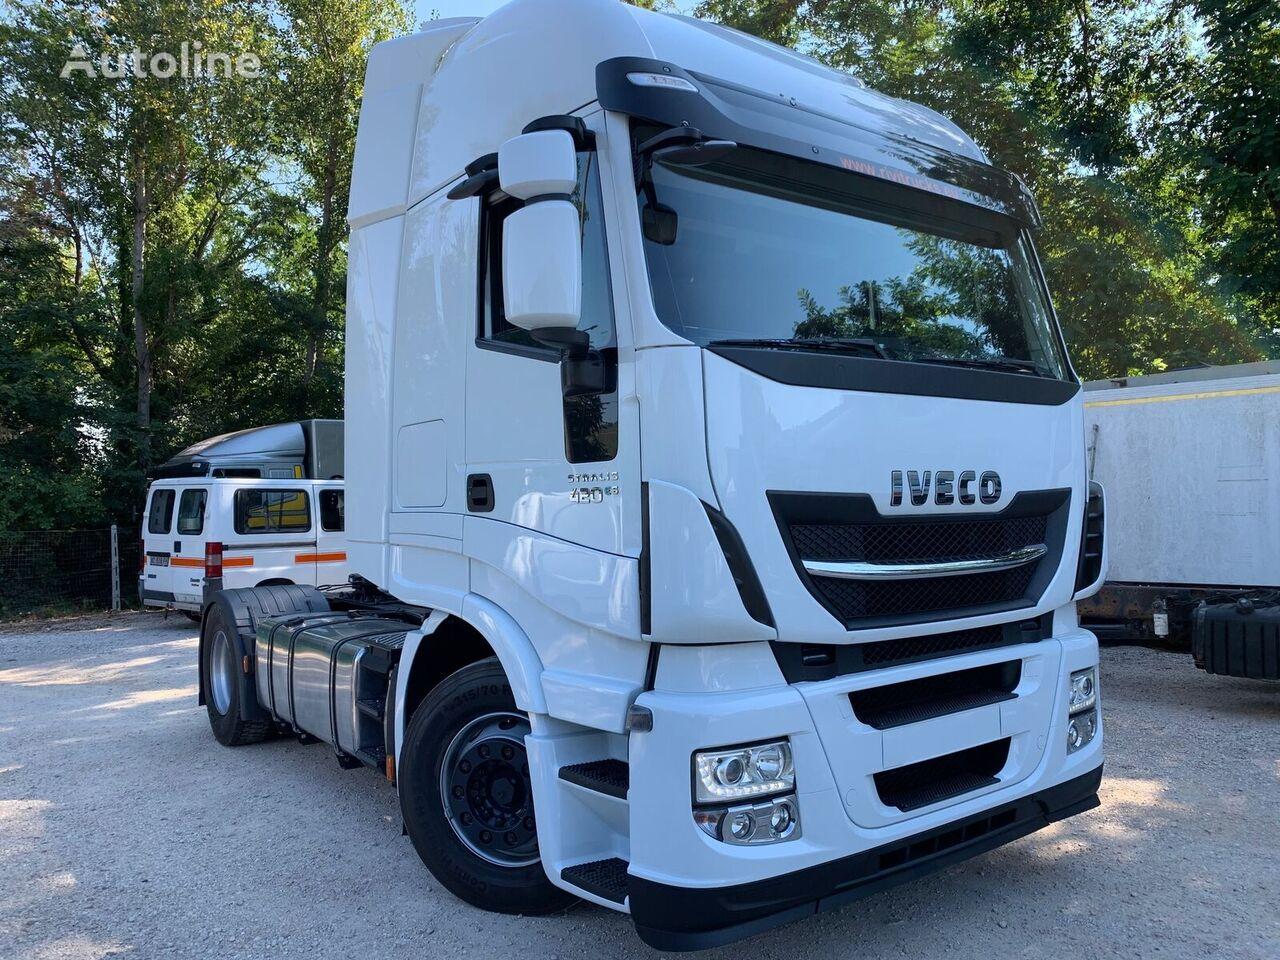 IVECO Stralis 420 E6 MOTORE NUOVO Km 0 tractor unit